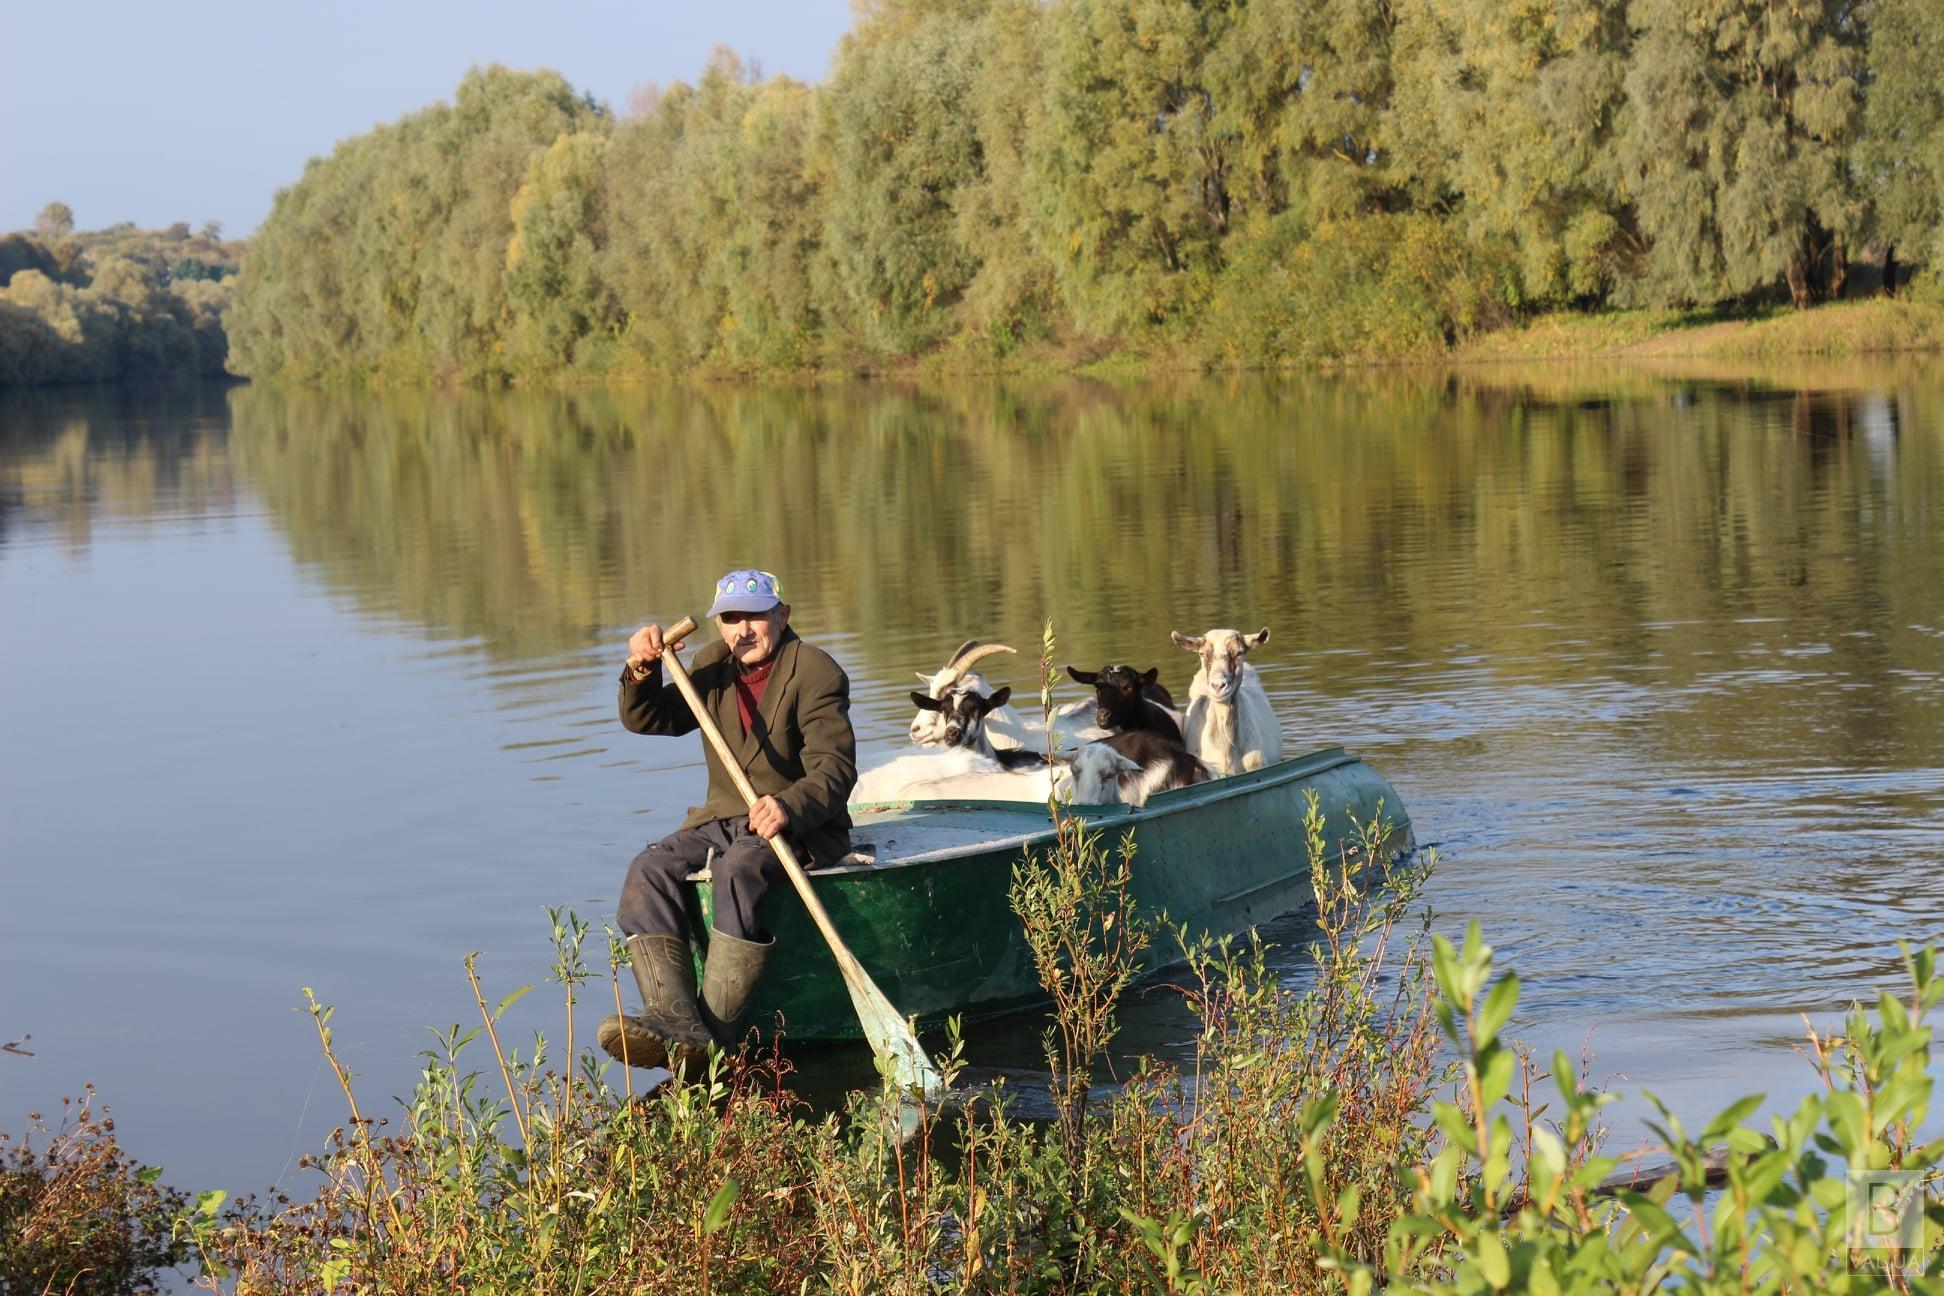 Вже 30 років: на Чернігівщині дідусь щодня перевозить кіз на пасовище через річку. ФОТО